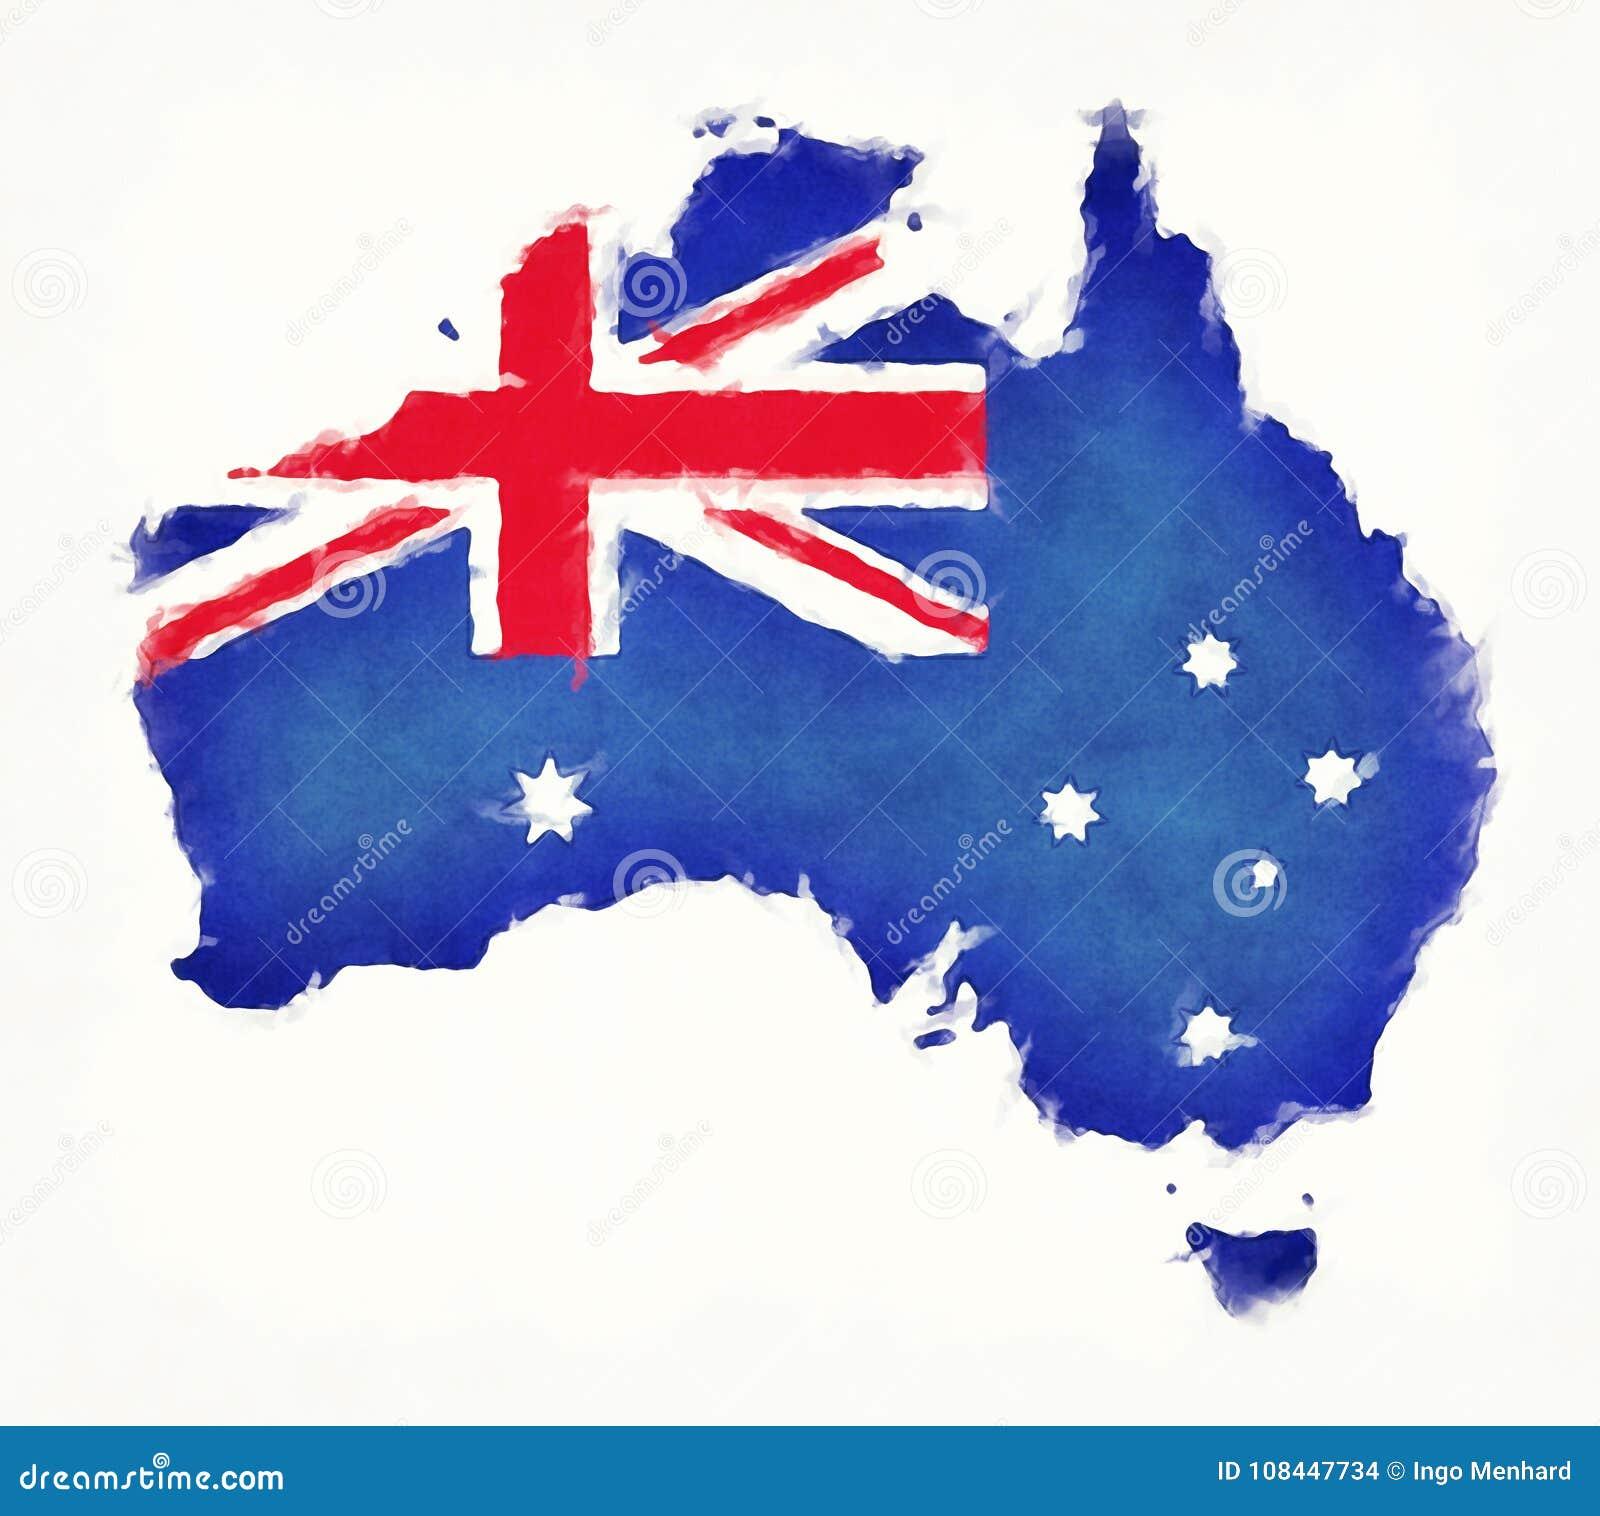 Ειδήσεις - Την Αυστραλιανή αεροπόρο Maude Rose « Lores » Bonney, τιμά με το σημερινό της doodle η Google, με αφορμή τα 122 χρόνια.